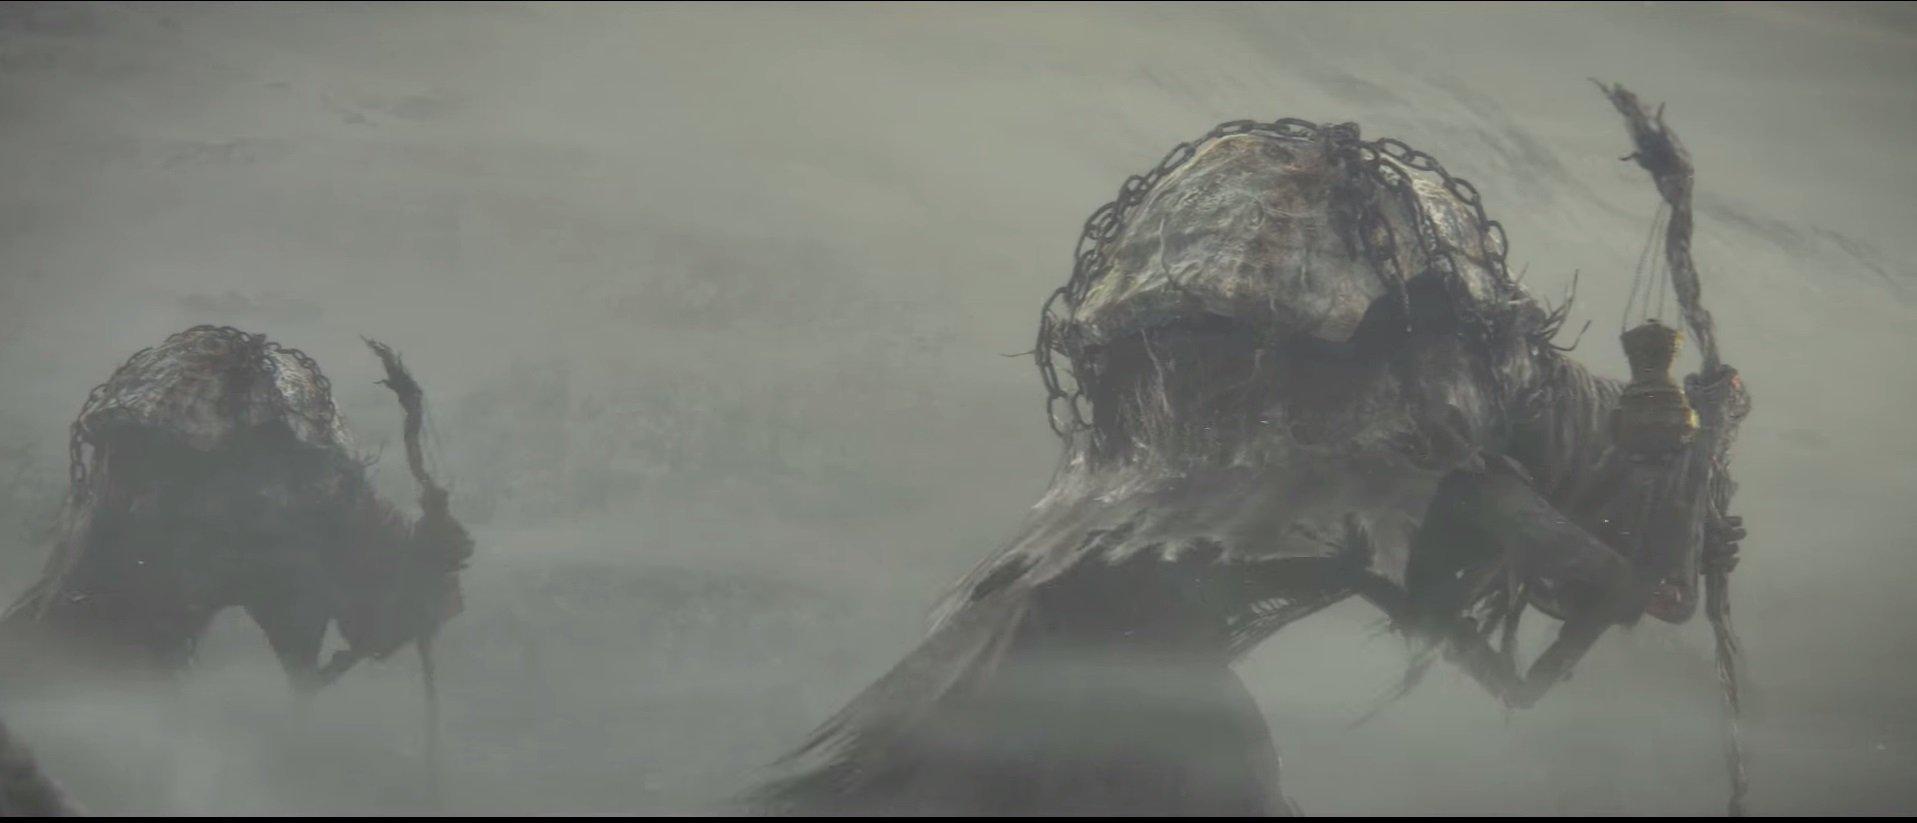 Не украденное рассмотрение трейлера Dark Souls 3 - Изображение 2